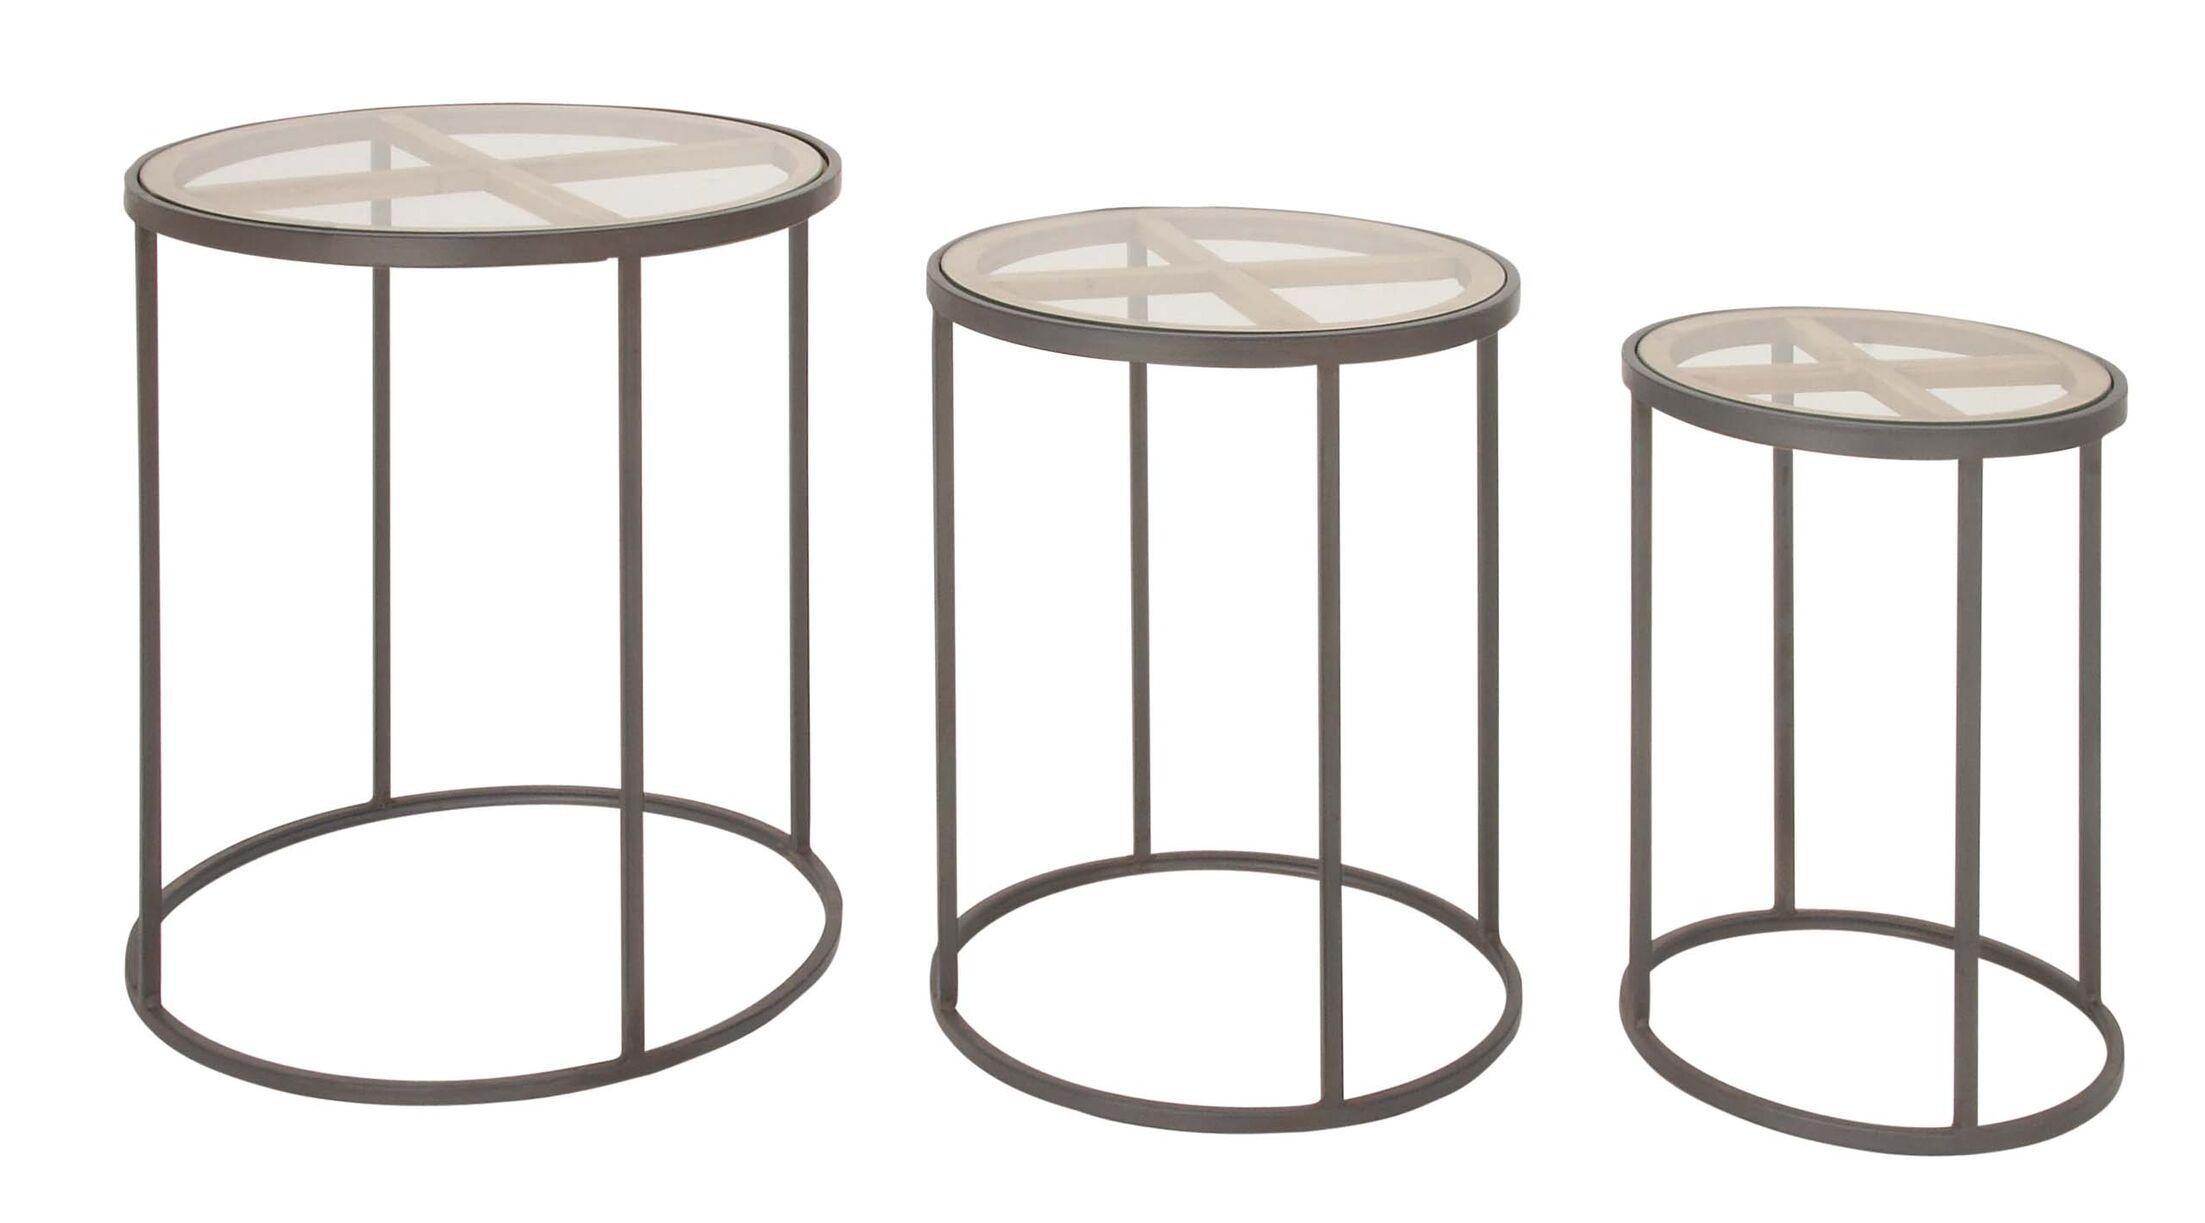 Orianna Contemporary 3 Piece Nesting Tables